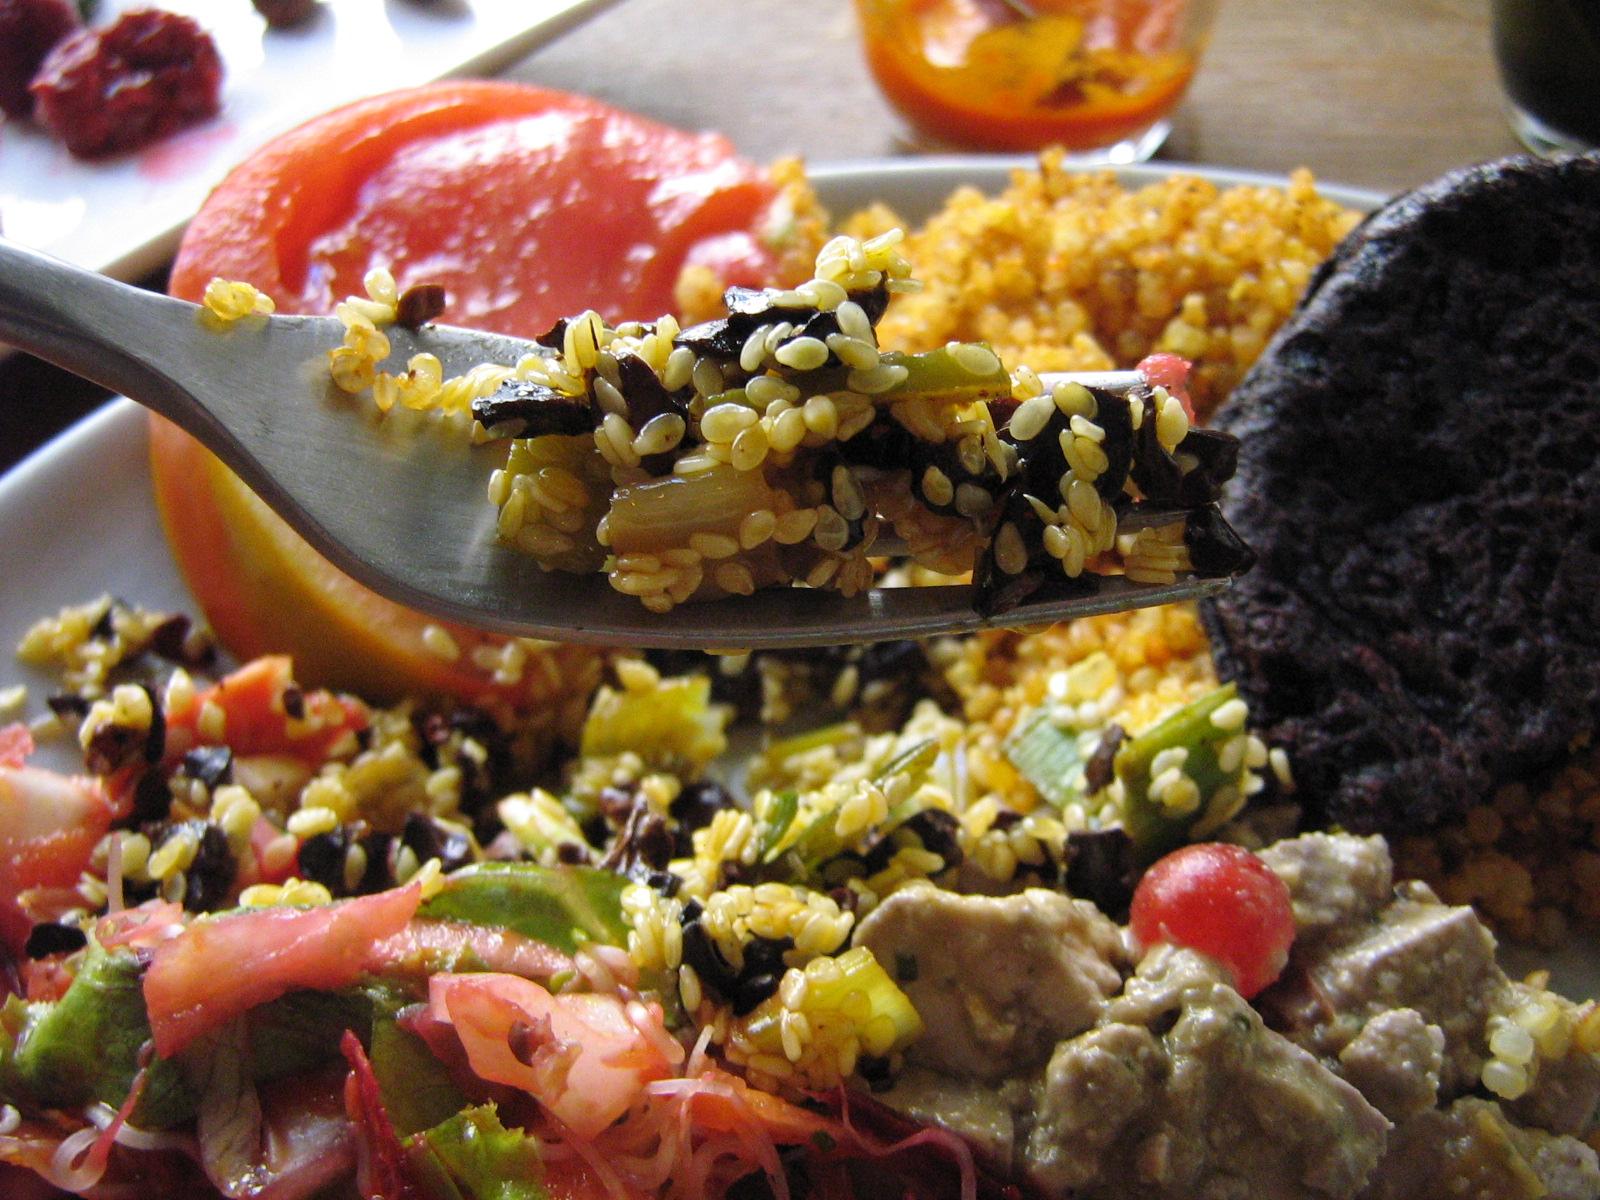 Bar des artisans voy alimento le concept restaurant - Paris dans ma cuisine ...